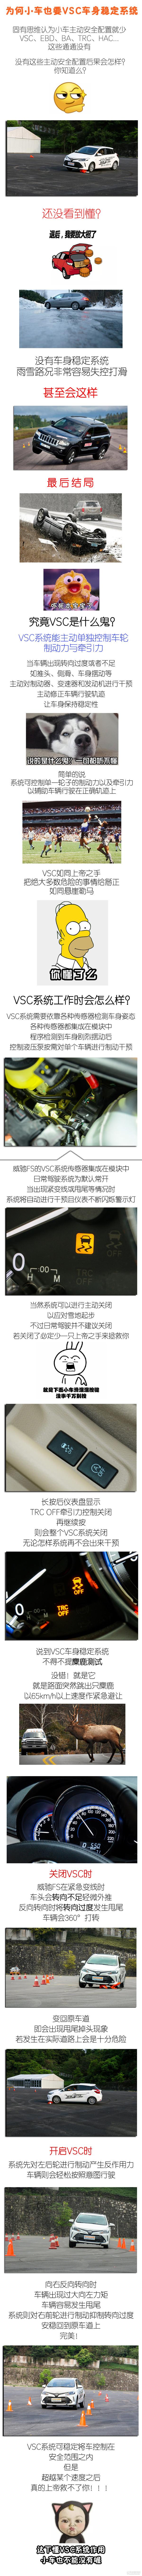 小车安全同样重要 一图读懂威驰FS VSC系统